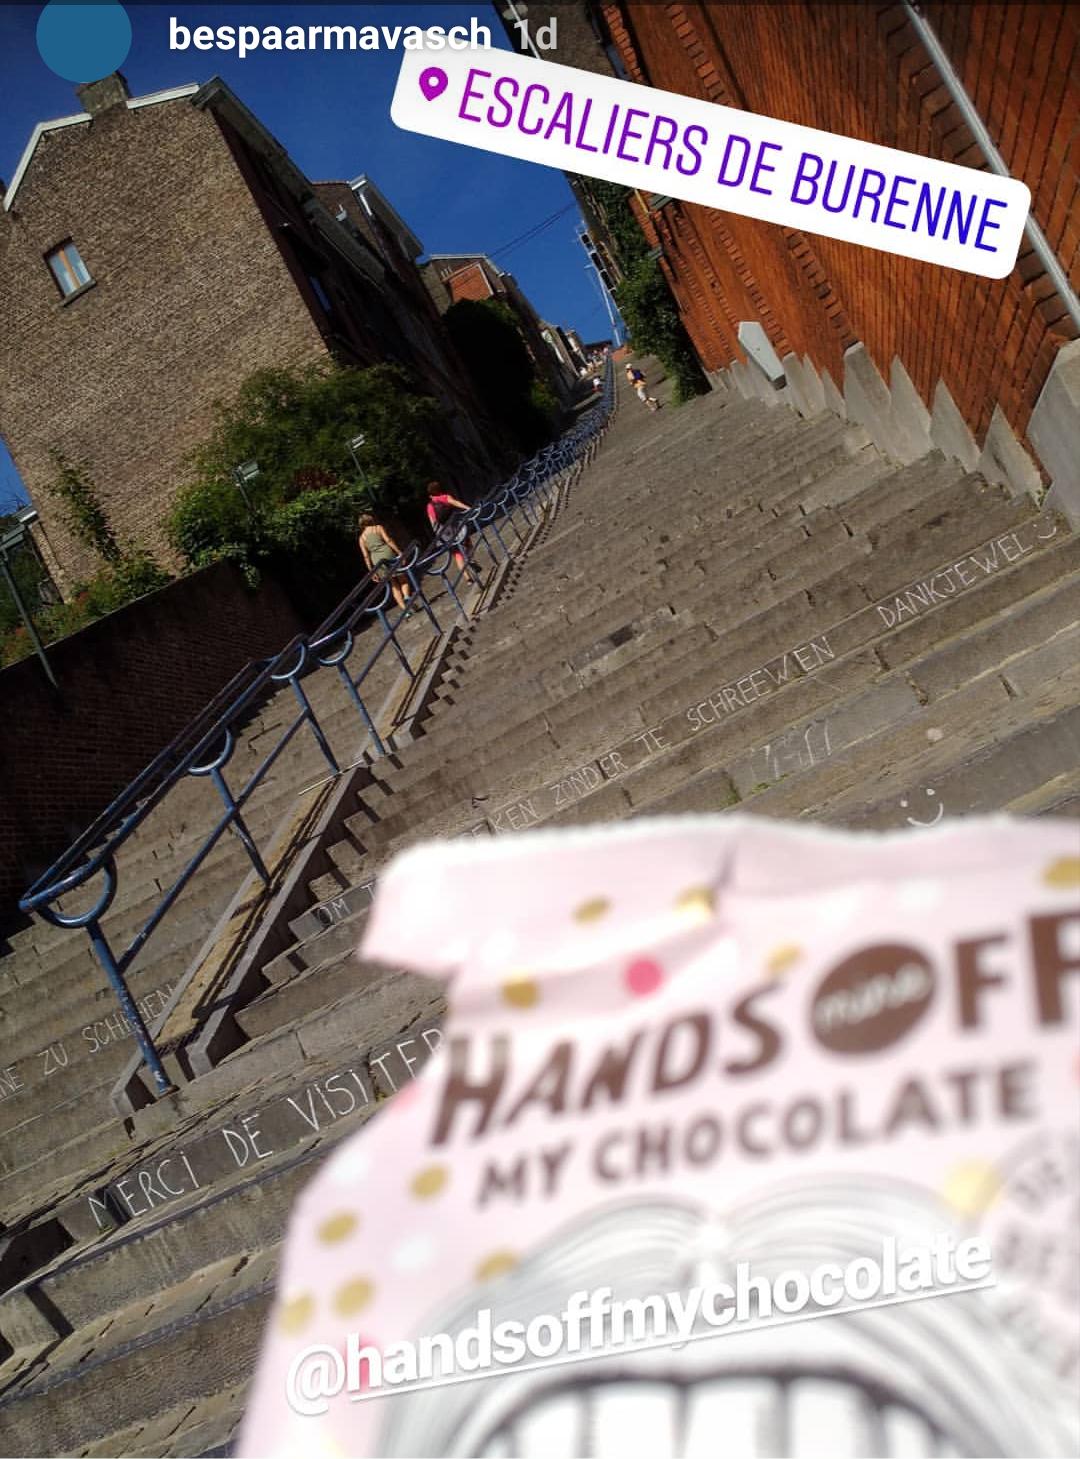 2 repen chocolade gratis door 1 reep te kopen